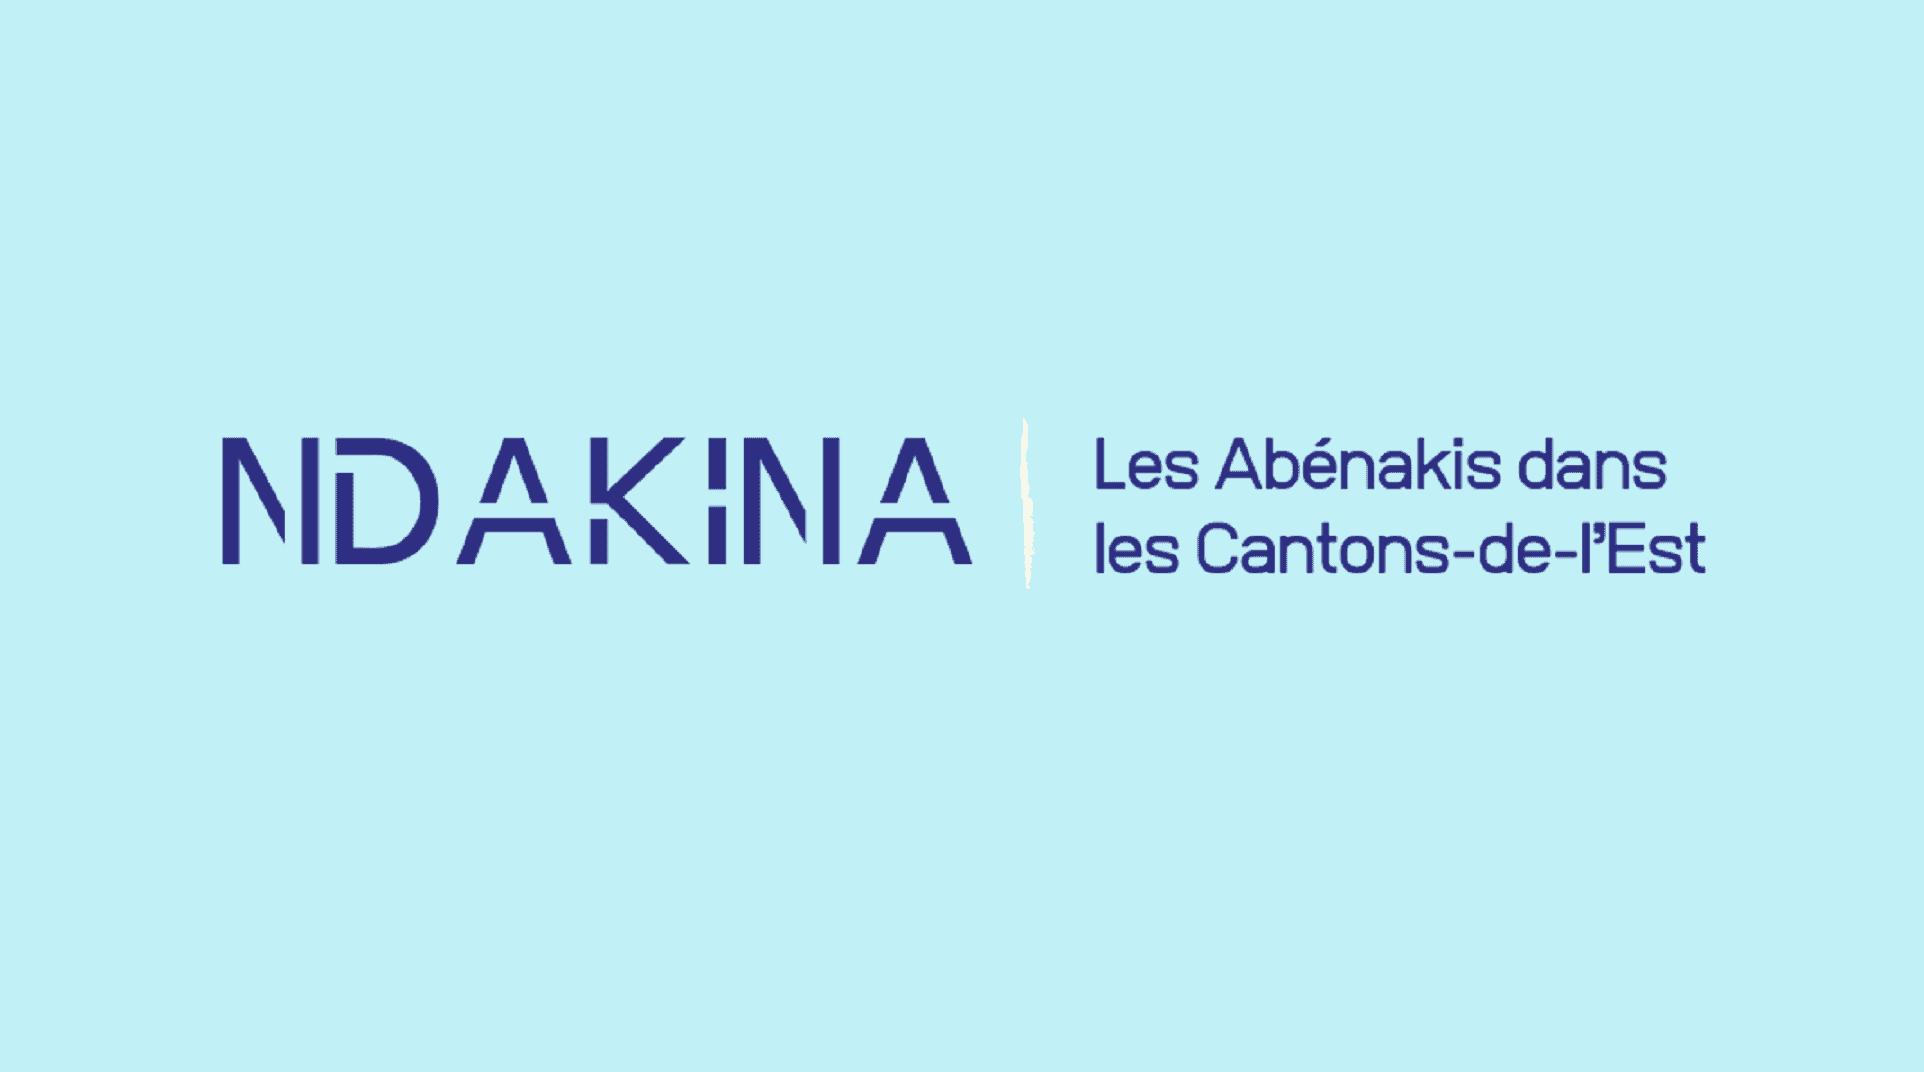 Inauguration de l'exposition «Ndakina – Les Abénakis dans les Cantons-de-l'Est»